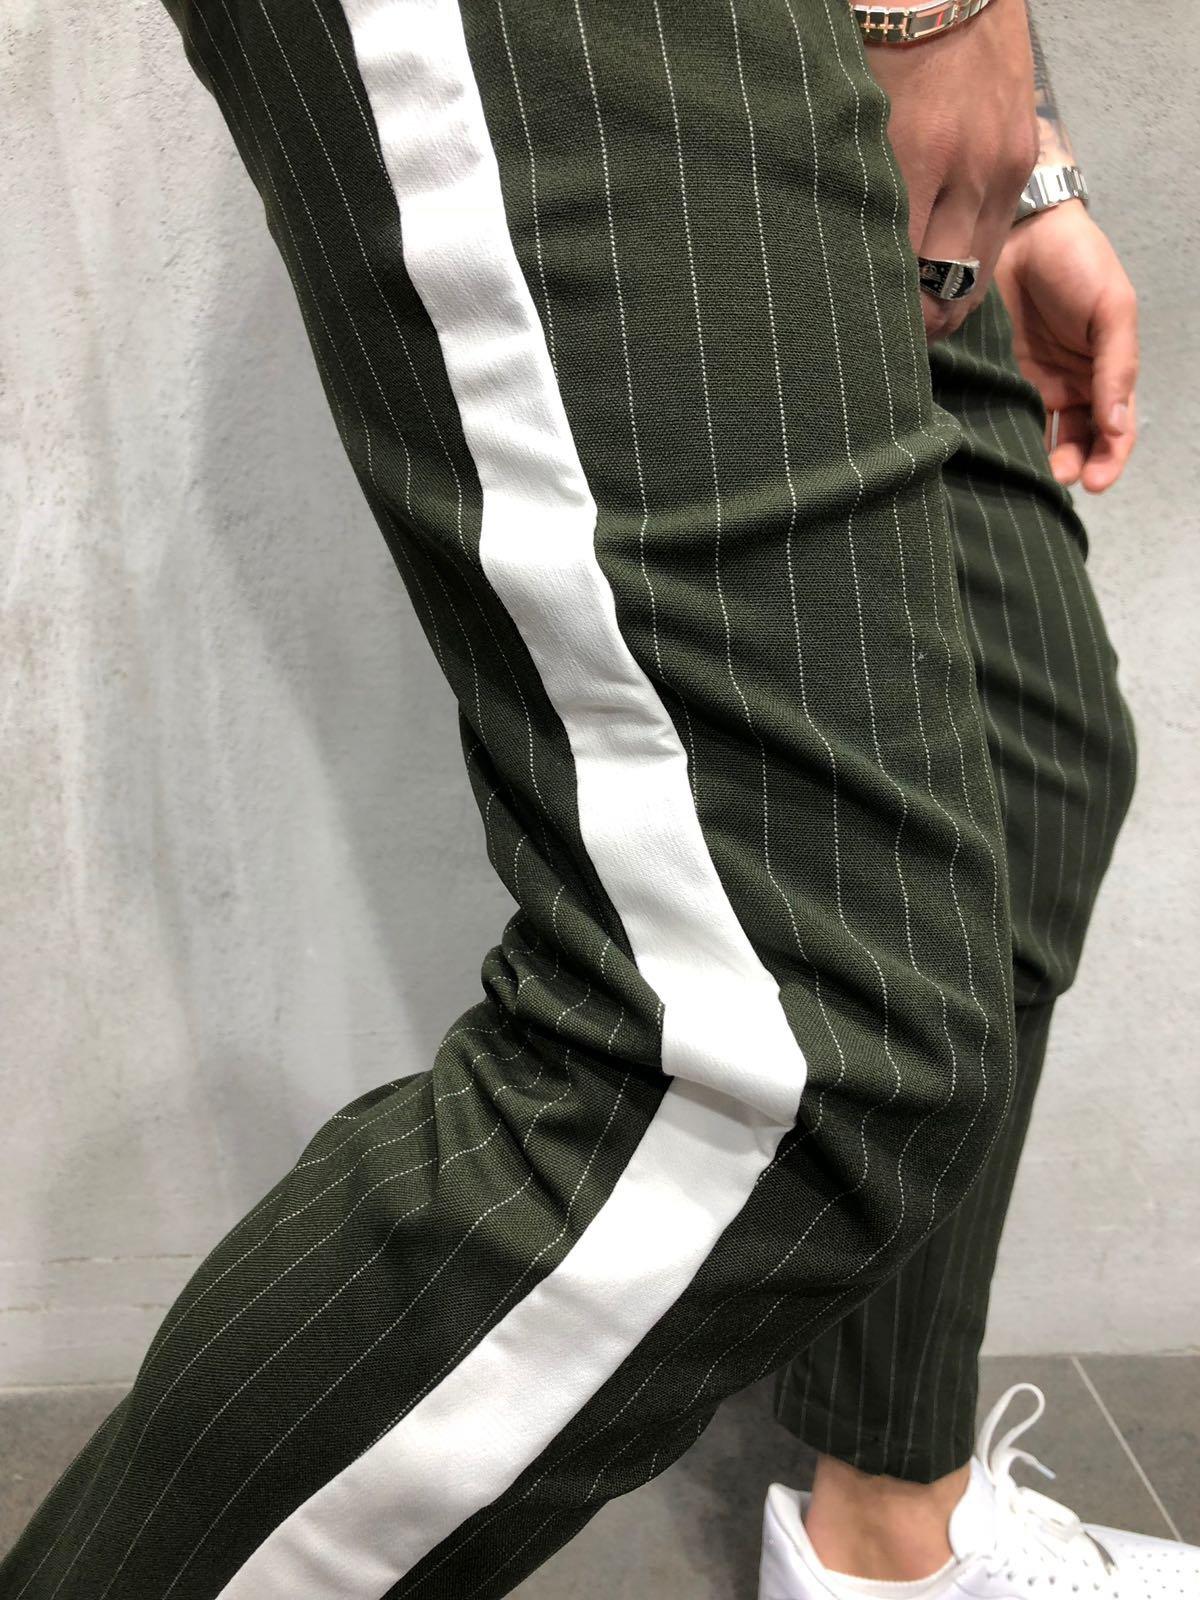 Sporting Hirigin New Men Slim Fit Urban Straight Leg Trousers Skinny Pant Casual Pencil Hot Pants Men's Clothing